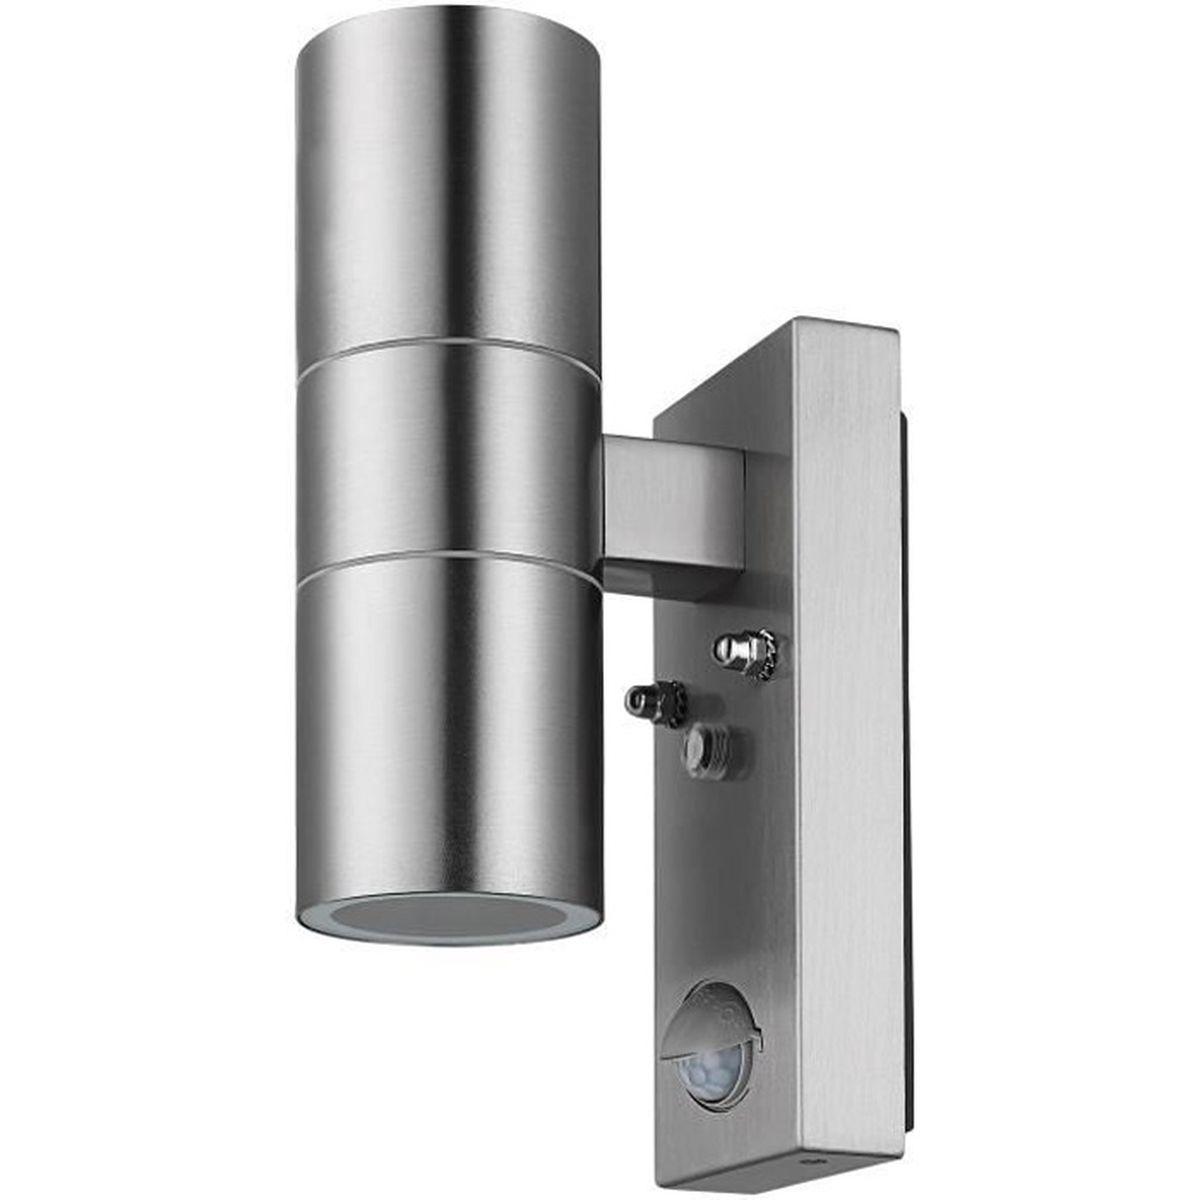 Lampe Exterieur Pour Tonnelle applique murale lampe extérieur max. 35w ip44 acier inoxydable détecteur de  mouvement éclairage pour chemin lumière jardin maison